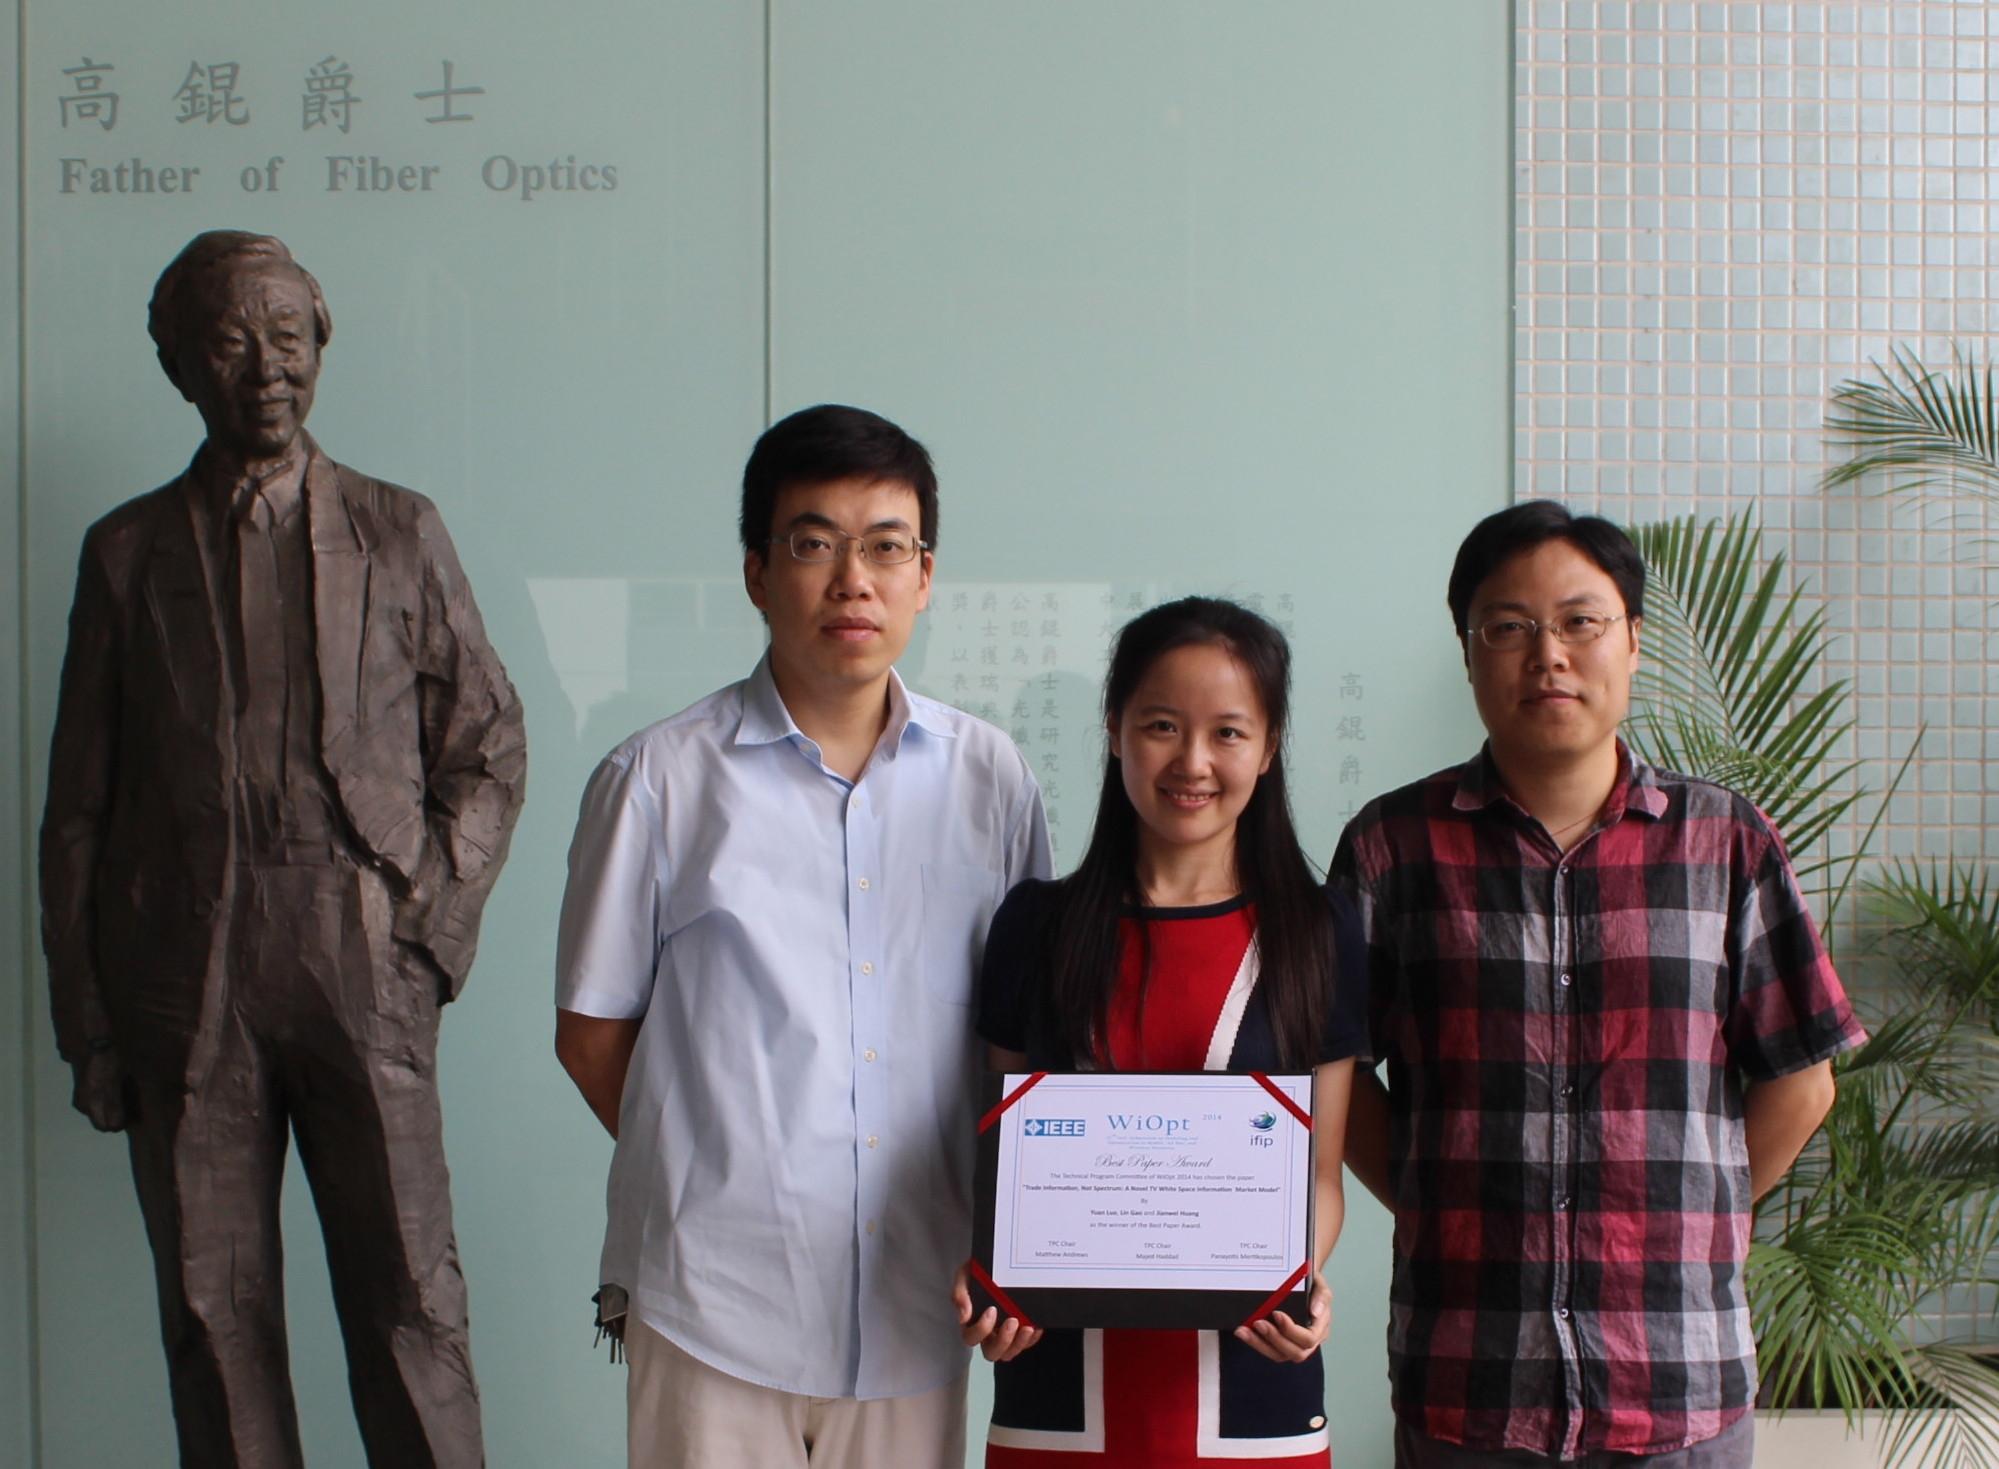 (左起)黃建偉教授、博士生羅元女士和博士後研究員高林博士提出的白頻譜網絡資訊巿場模型在IEEE WiOpt 2014國際會議上獲頒最佳論文獎。